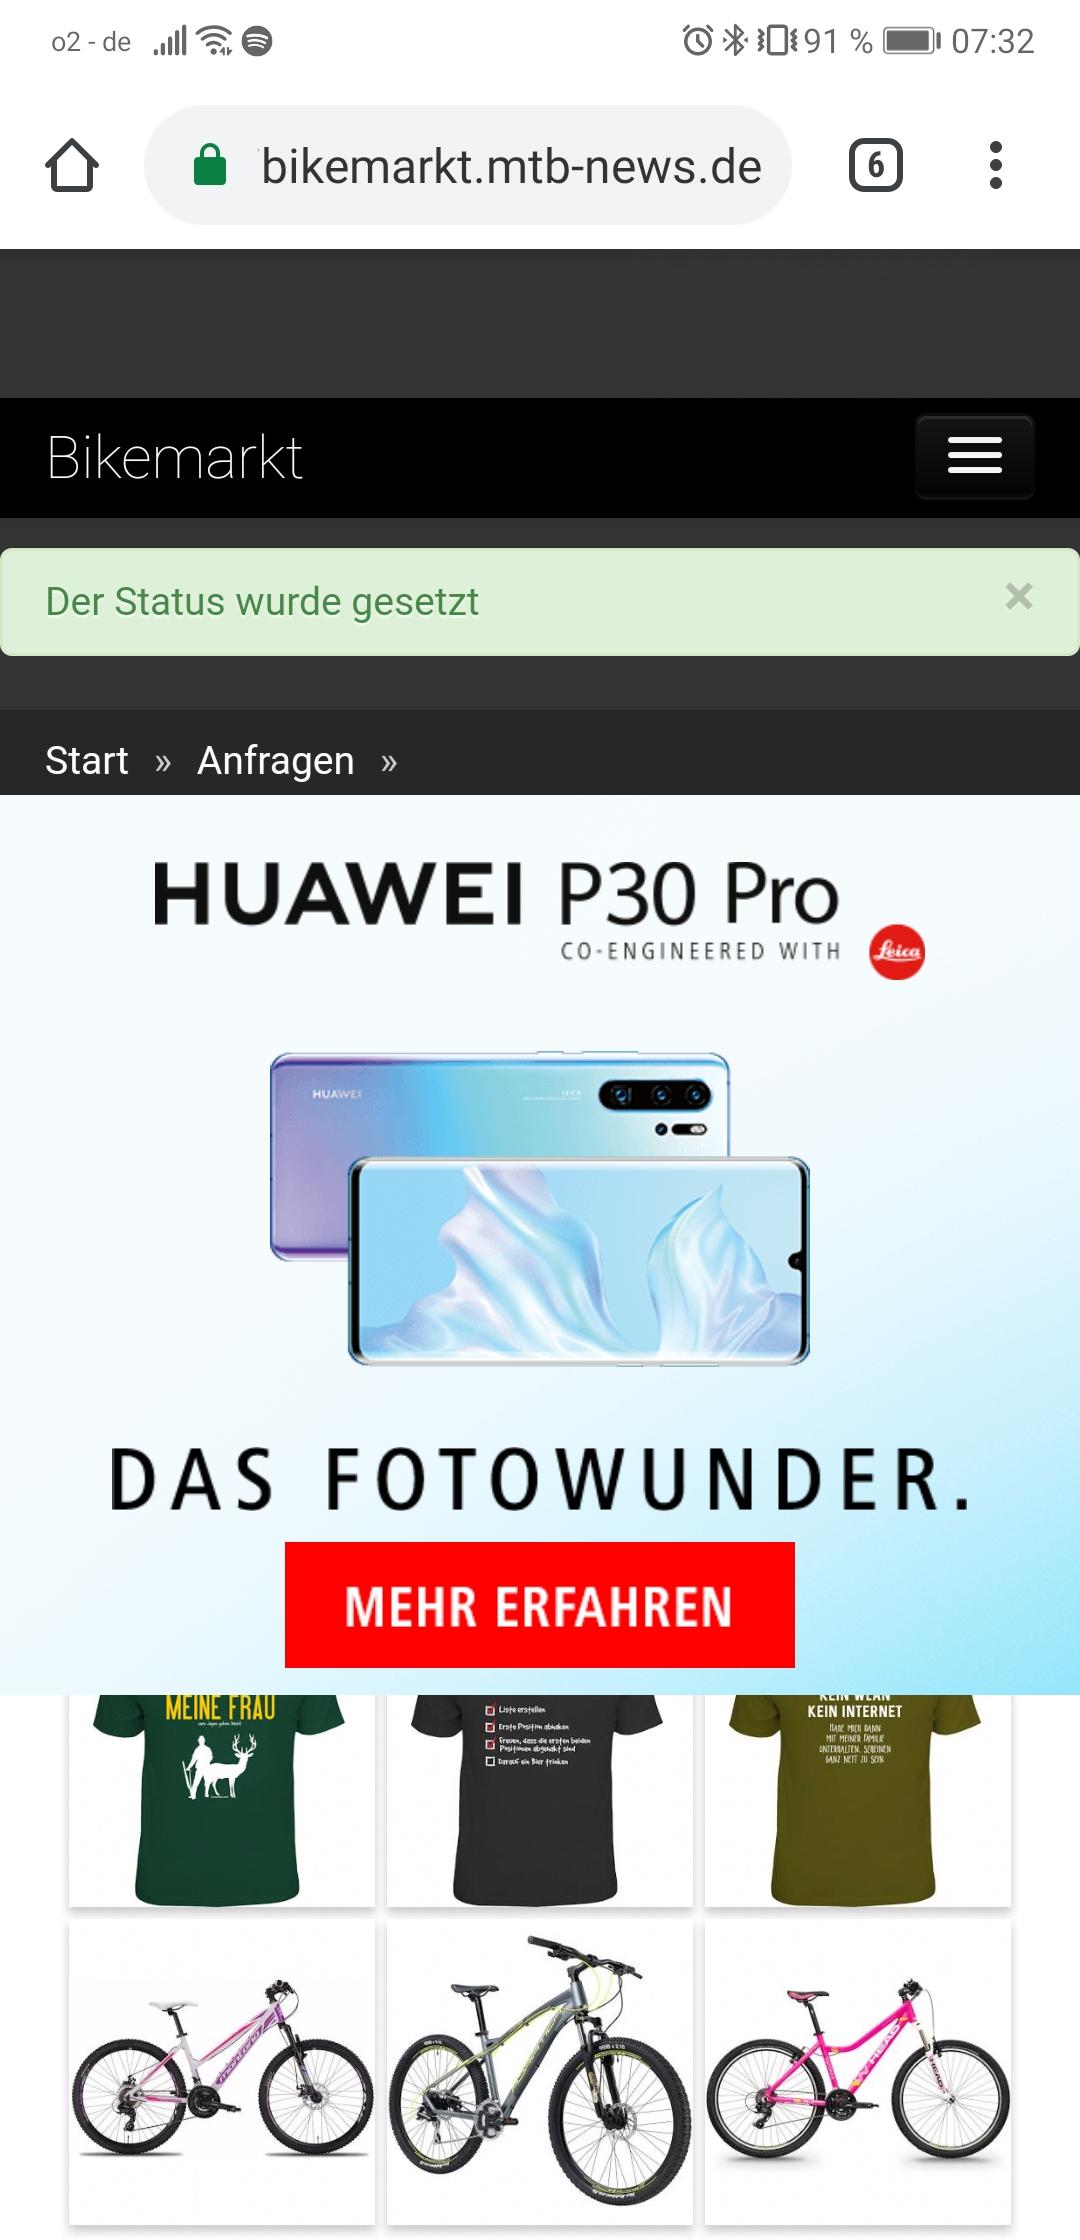 Screenshot_20190413_073230_com.android.chrome.jpg